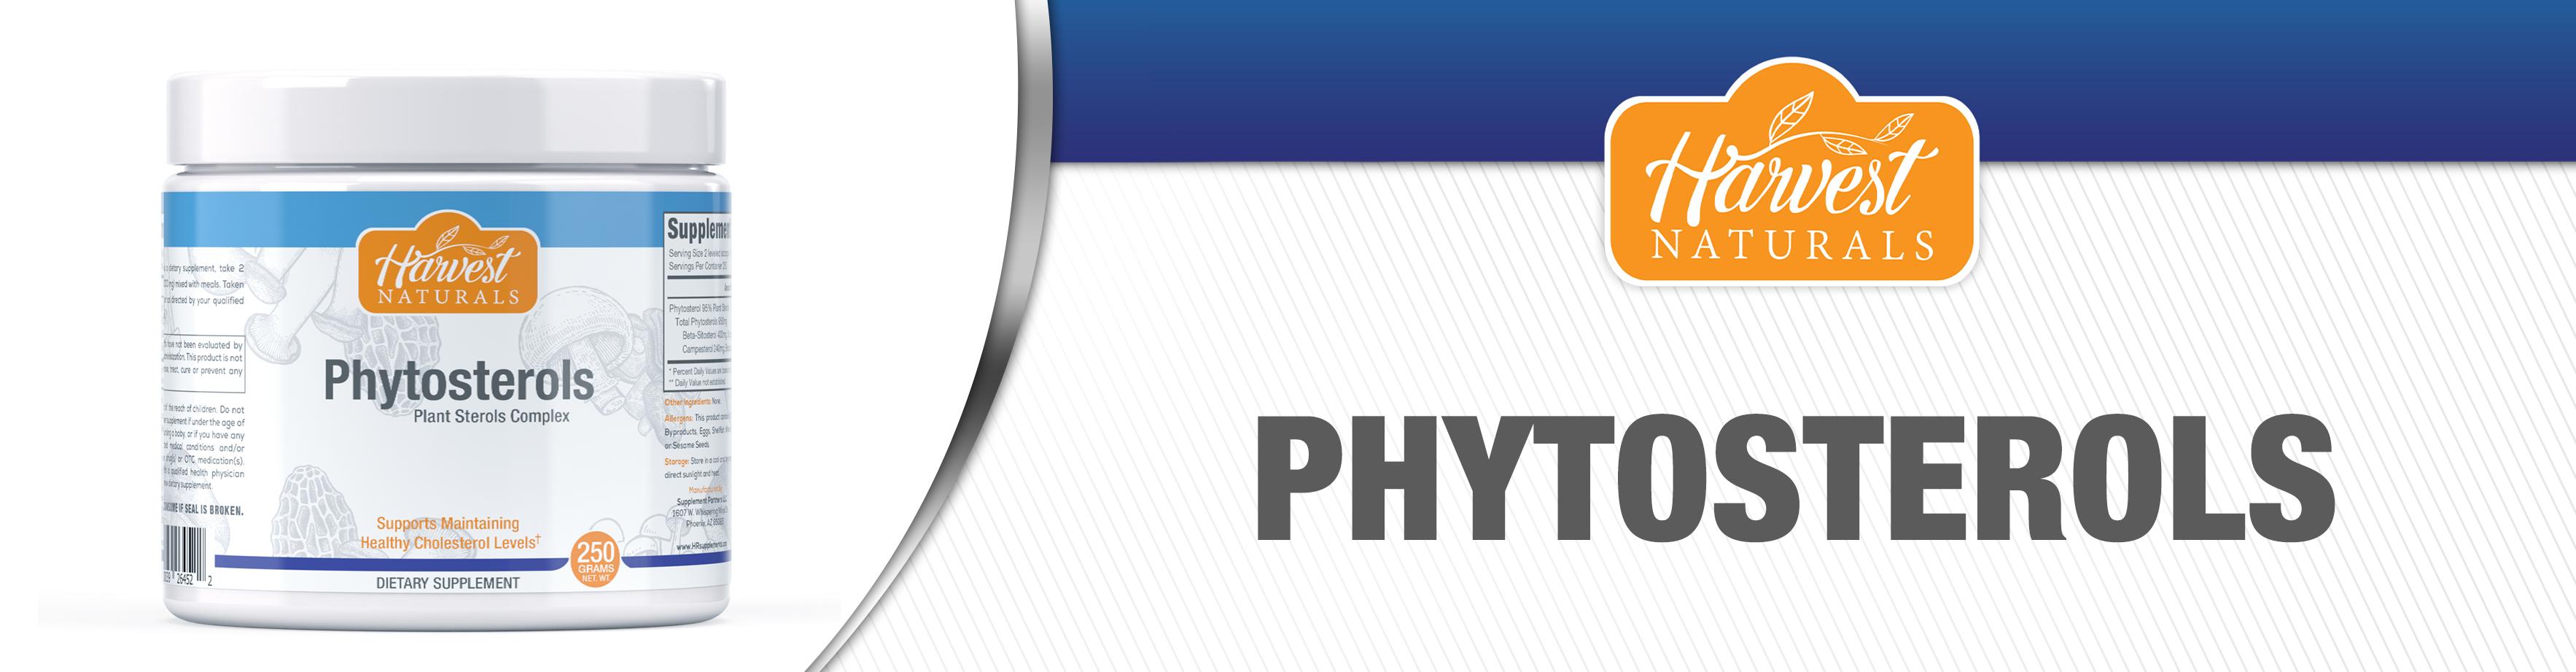 phytosterols-10-21.jpg